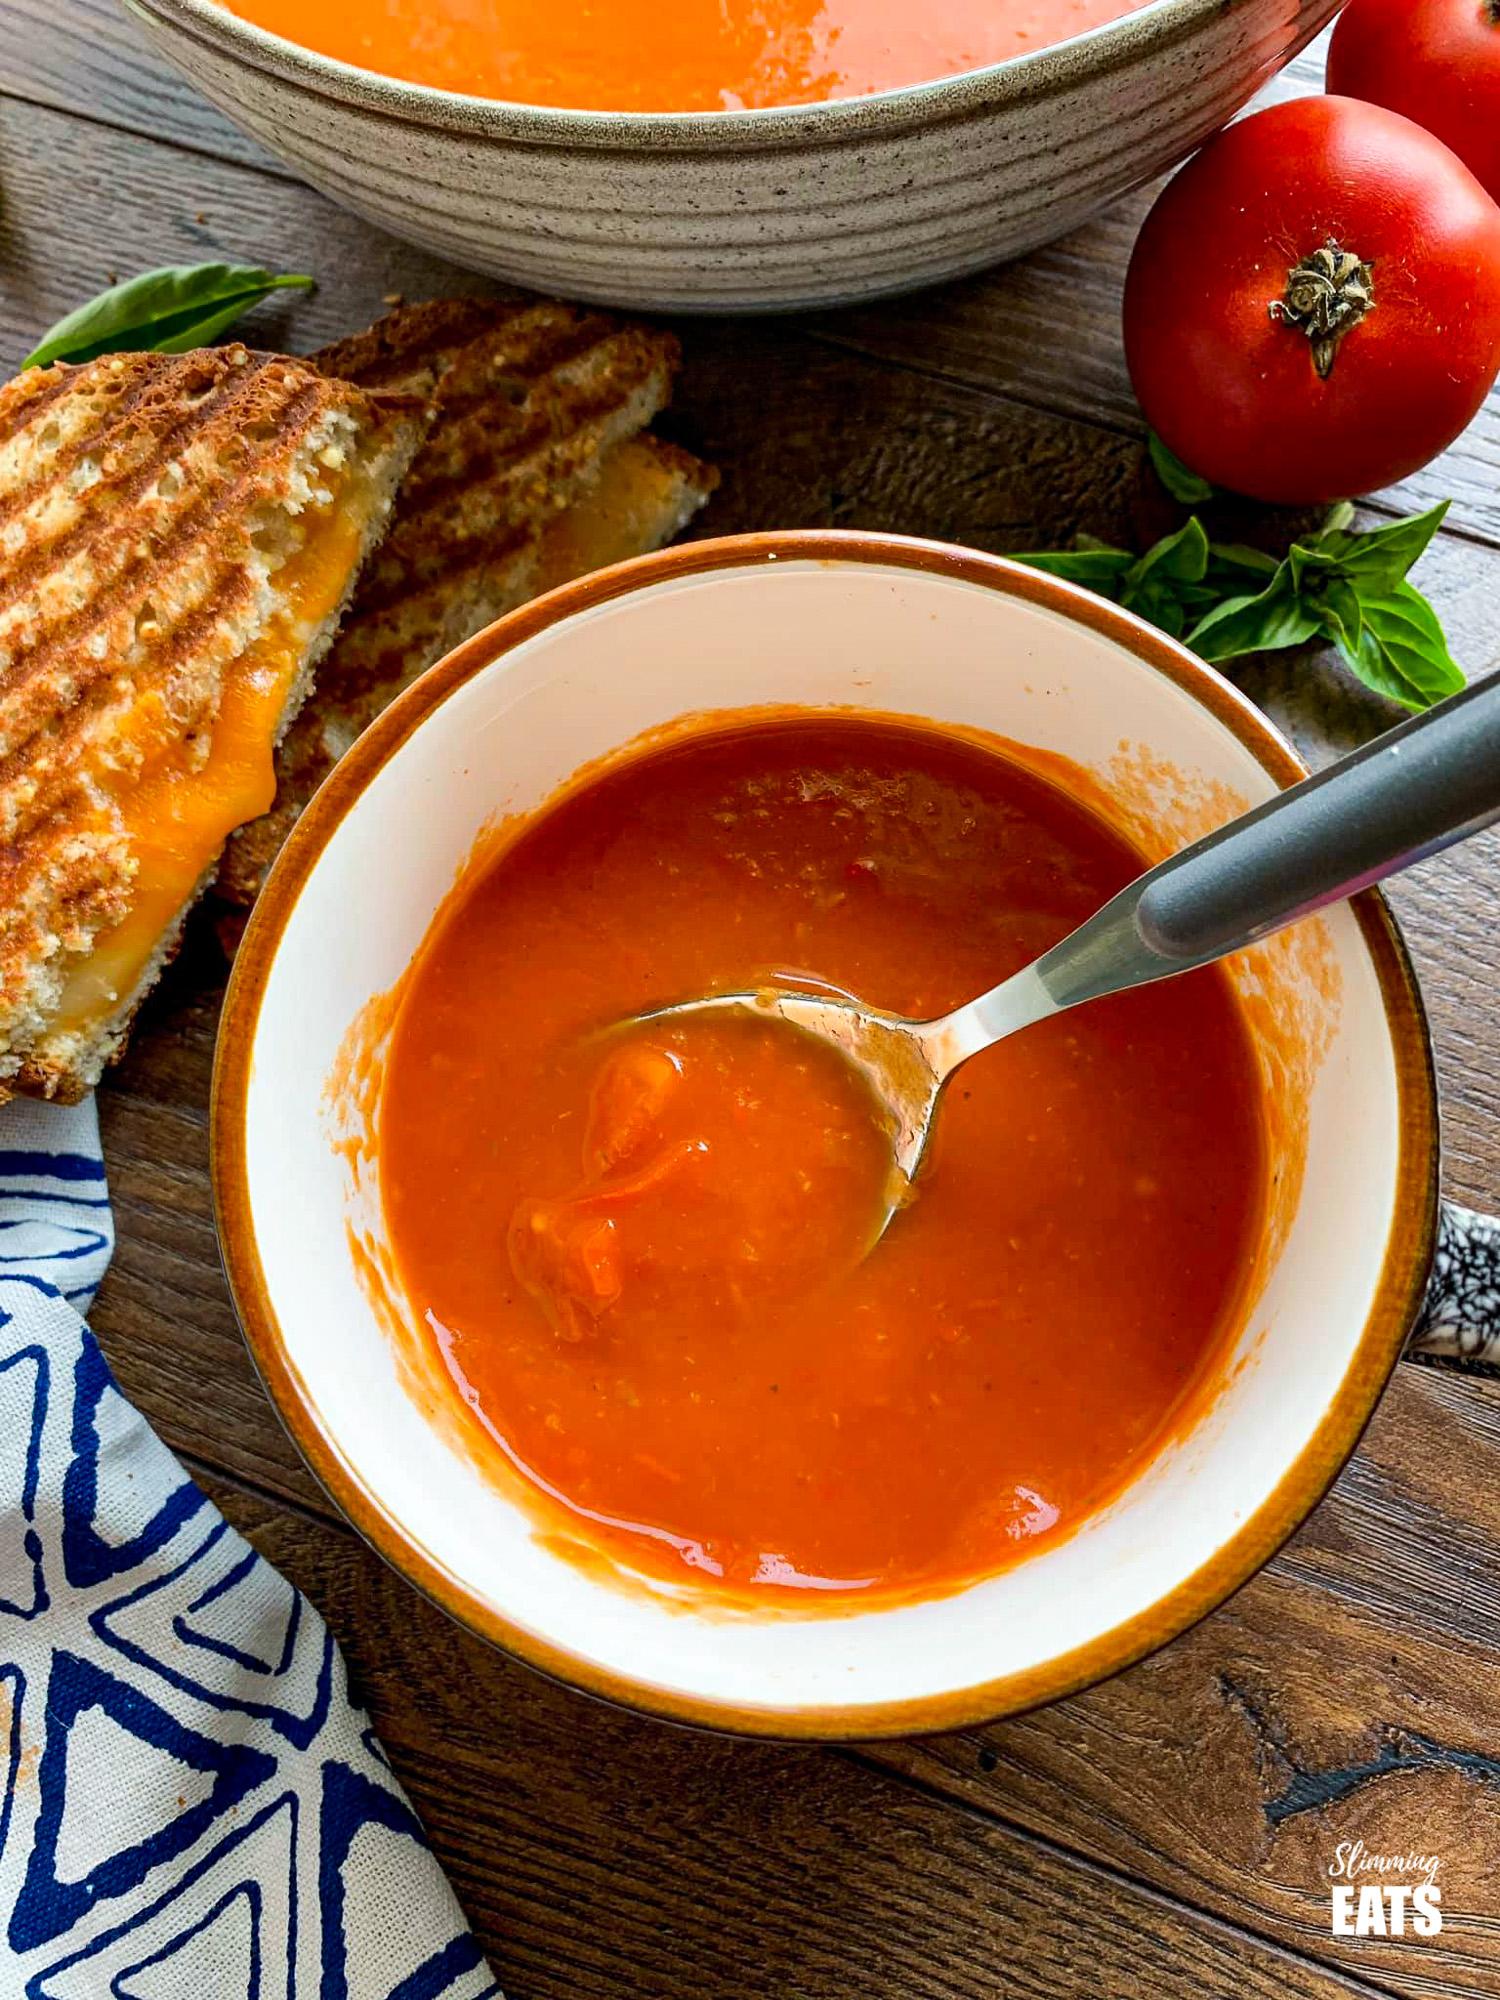 Soupe aux poivrons rouges rôtis et tomates dans une tasse avec du fromage grillé à gauche et des tomates à droite